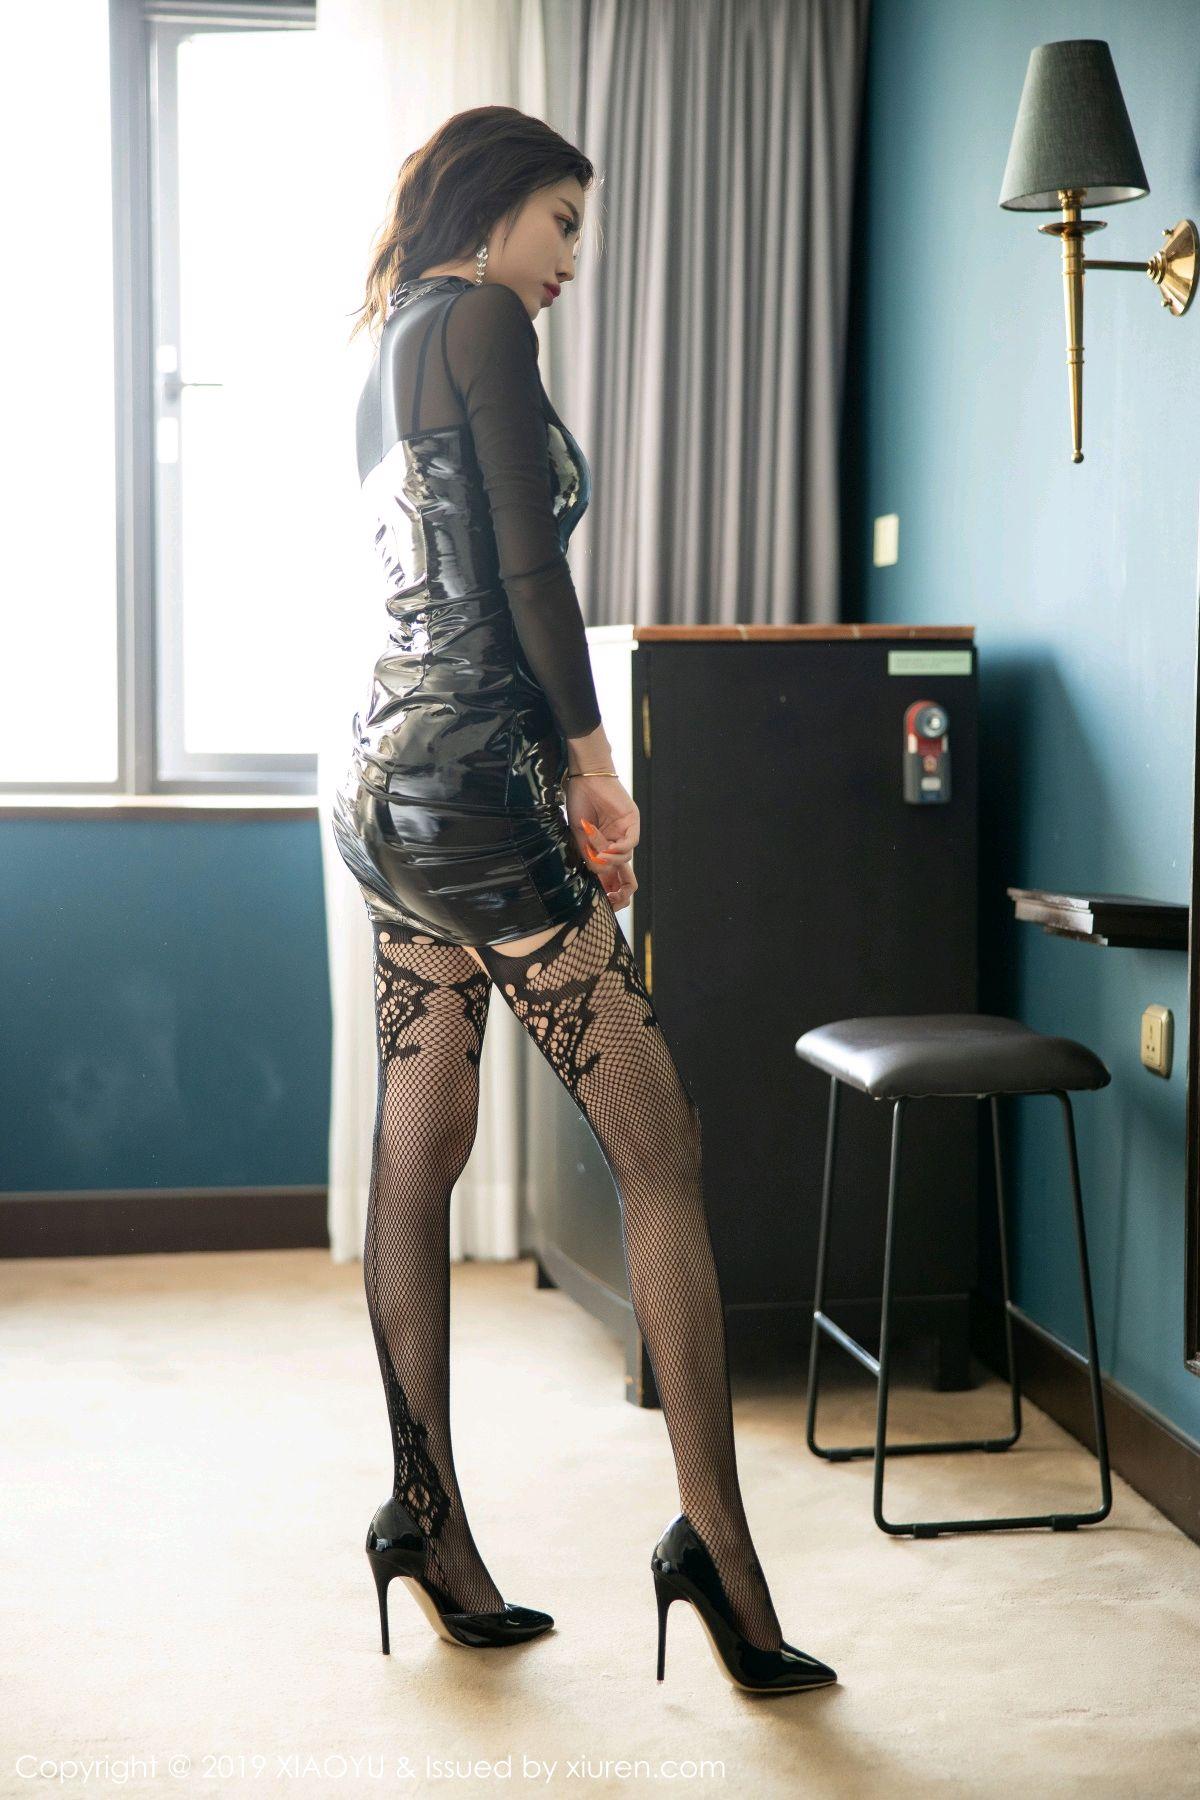 [XiaoYu] Vol.199 Yang Chen Chen 7P, Black Silk, Underwear, XiaoYu, Yang Chen Chen